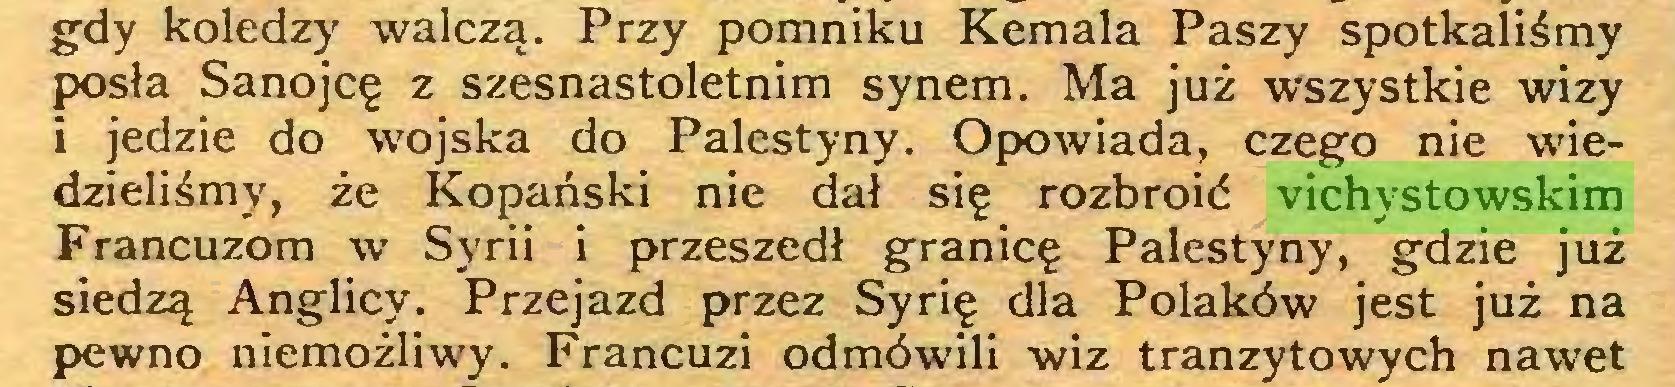 (...) gdy koledzy walczą. Przy pomniku Kemala Paszy spotkaliśmy posła Sanojcę z szesnastoletnim synem. Ma już wszystkie wizy i jedzie do wojska do Palestyny. Opowiada, czego nie wiedzieliśmy, że Kopański nie dał się rozbroić vichystowskim Francuzom w Syrii i przeszedł granicę Palestyny, gdzie już siedzą Anglicy. Przejazd przez Syrię dla Polaków jest już na pewno niemożliwy. Francuzi odmówili wiz tranzytowych nawet...